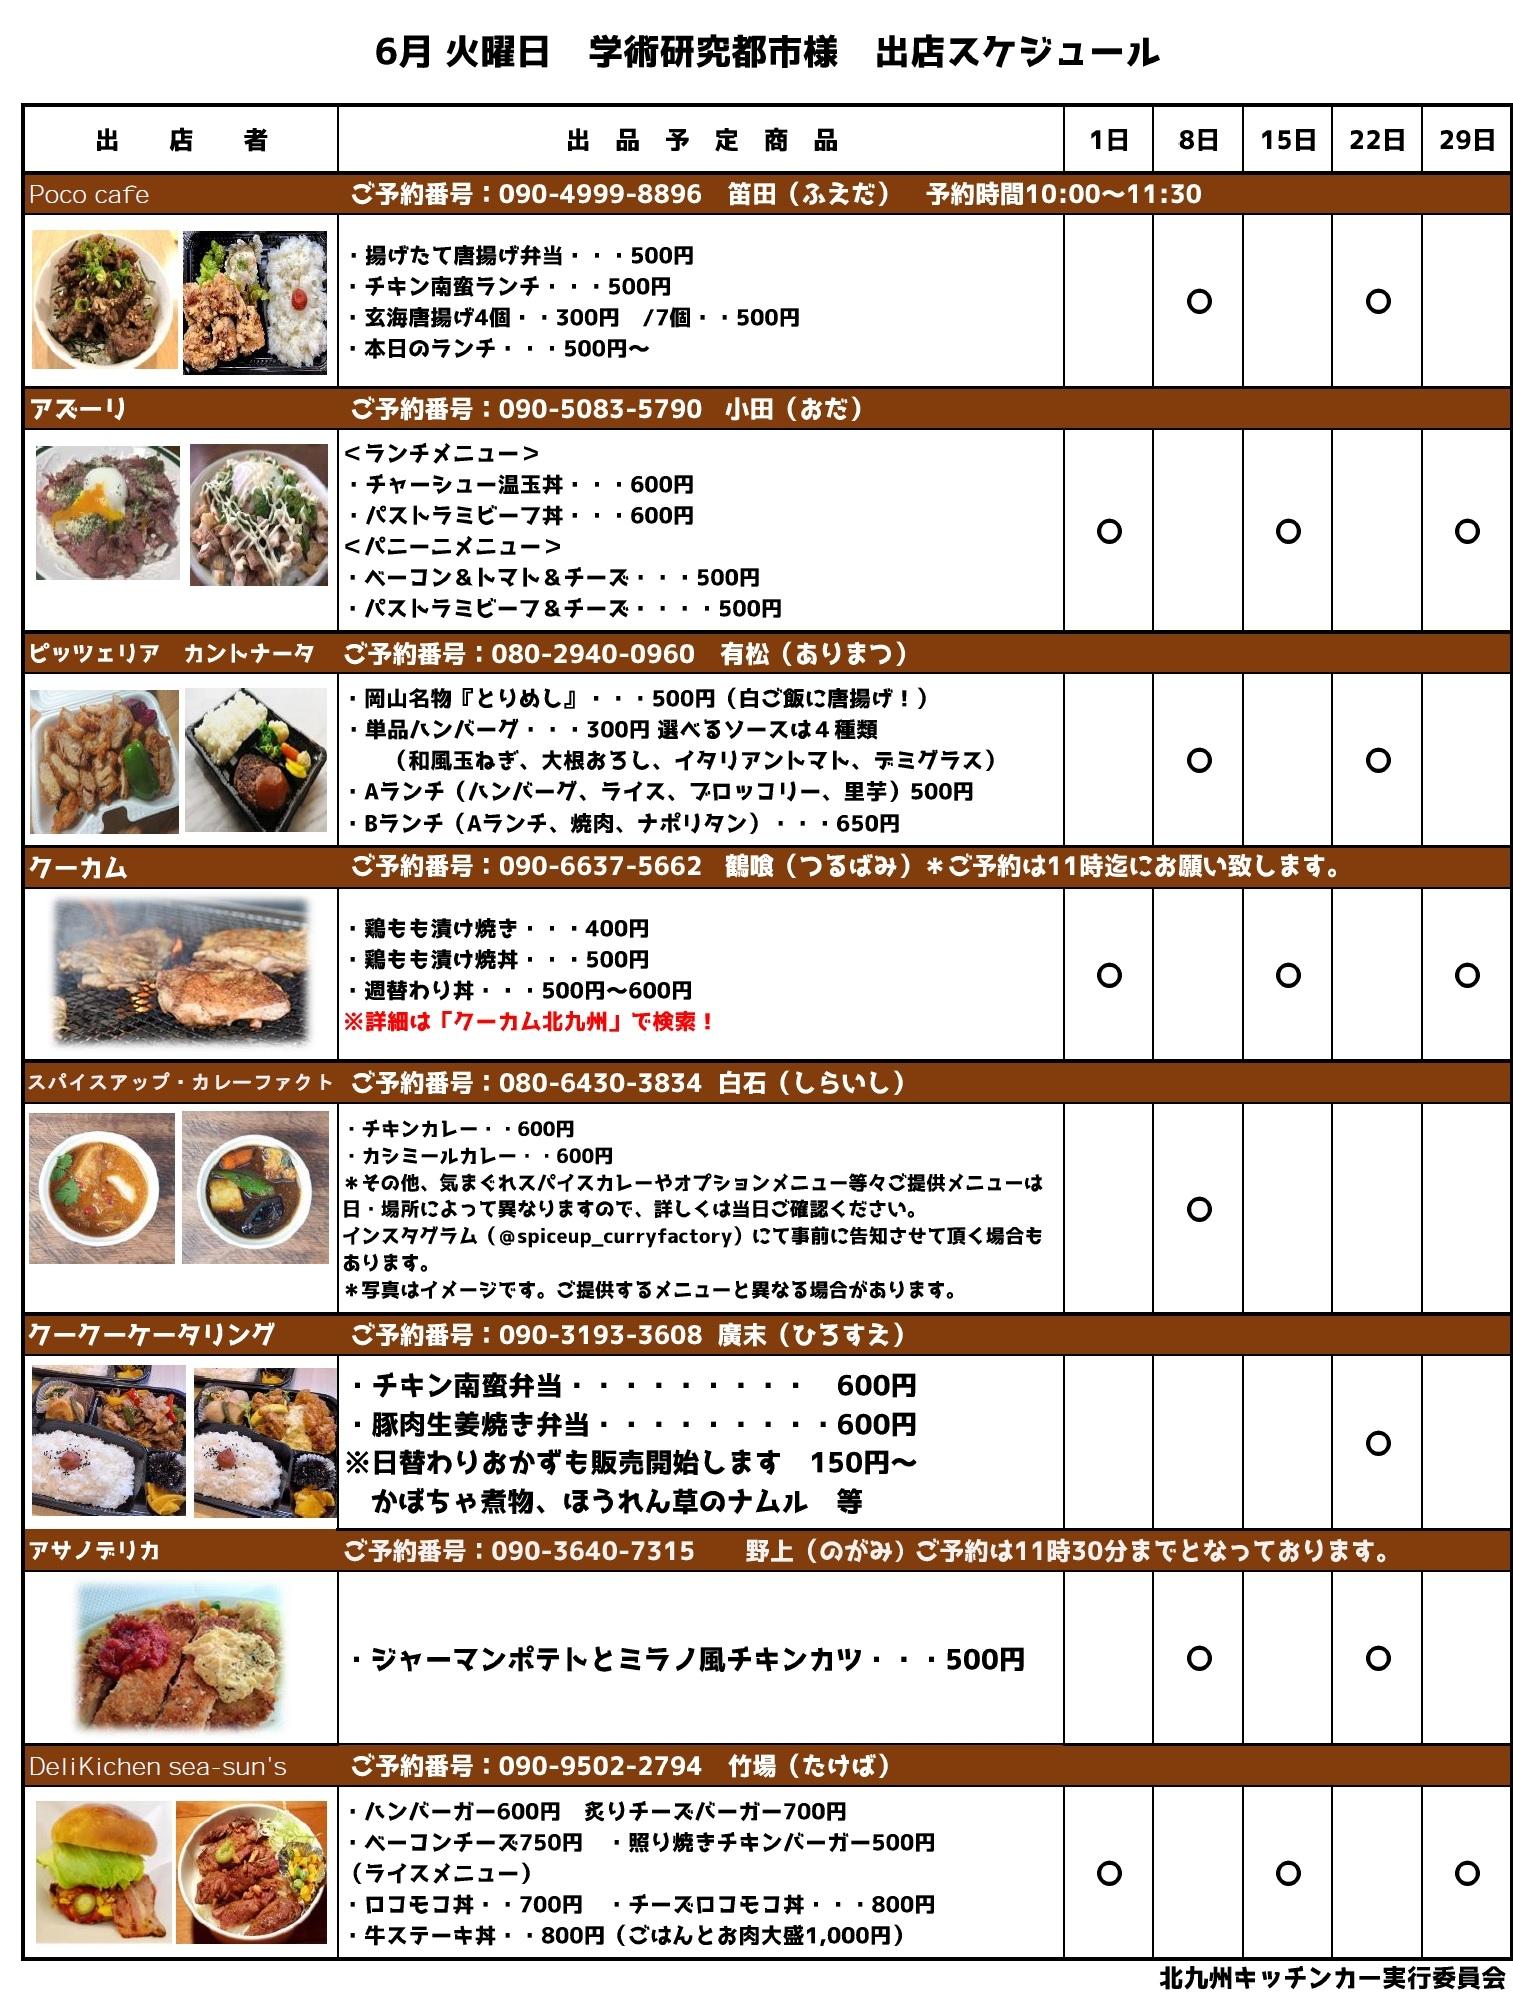 http://www.ksrp.or.jp/fais/news/2021.6.jpg